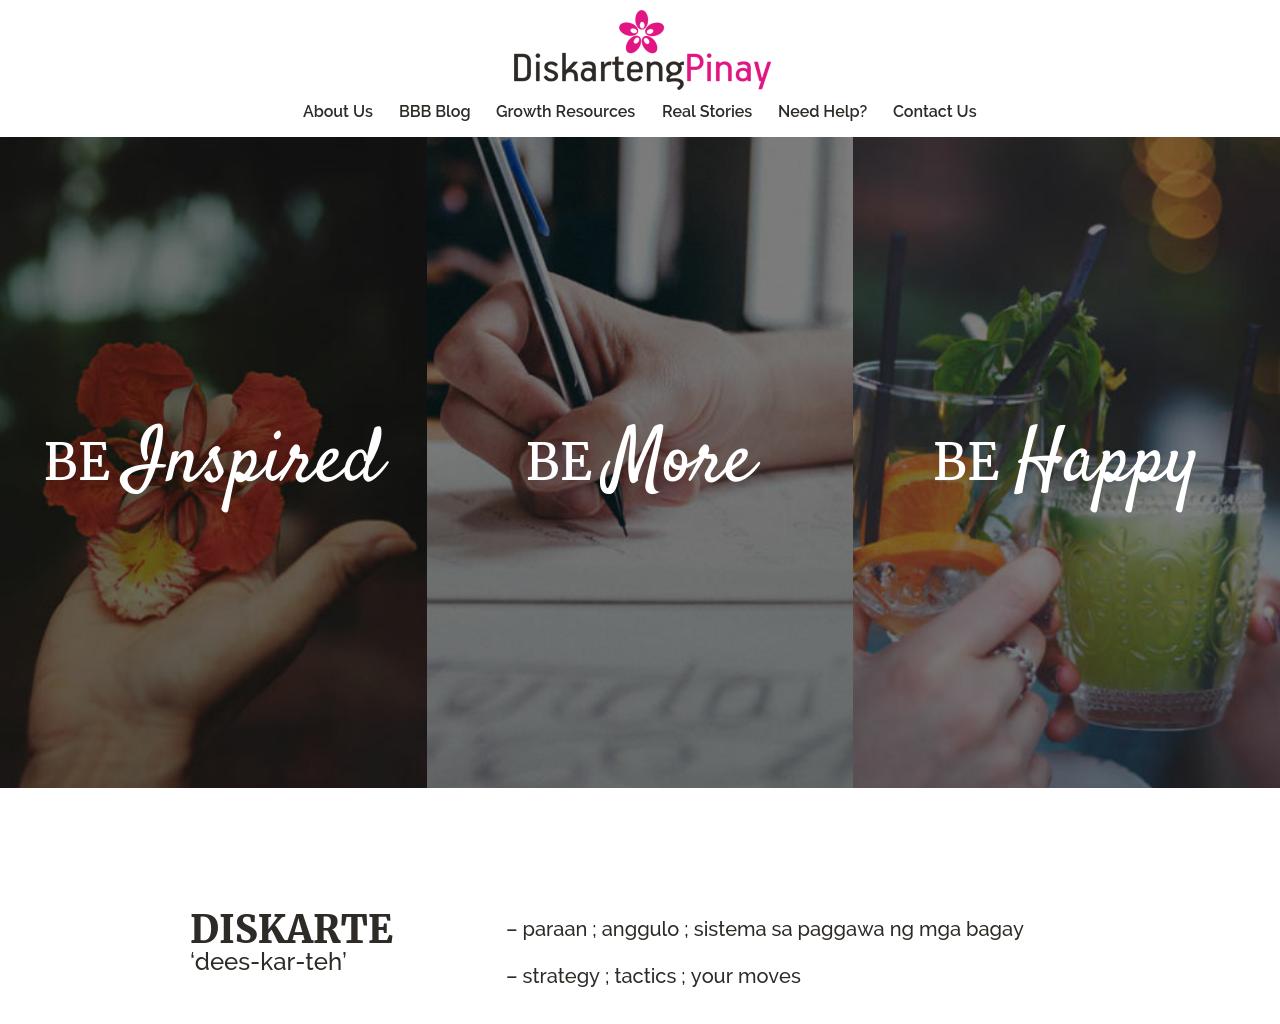 Diskarteng-Pinay-Advertising-Reviews-Pricing